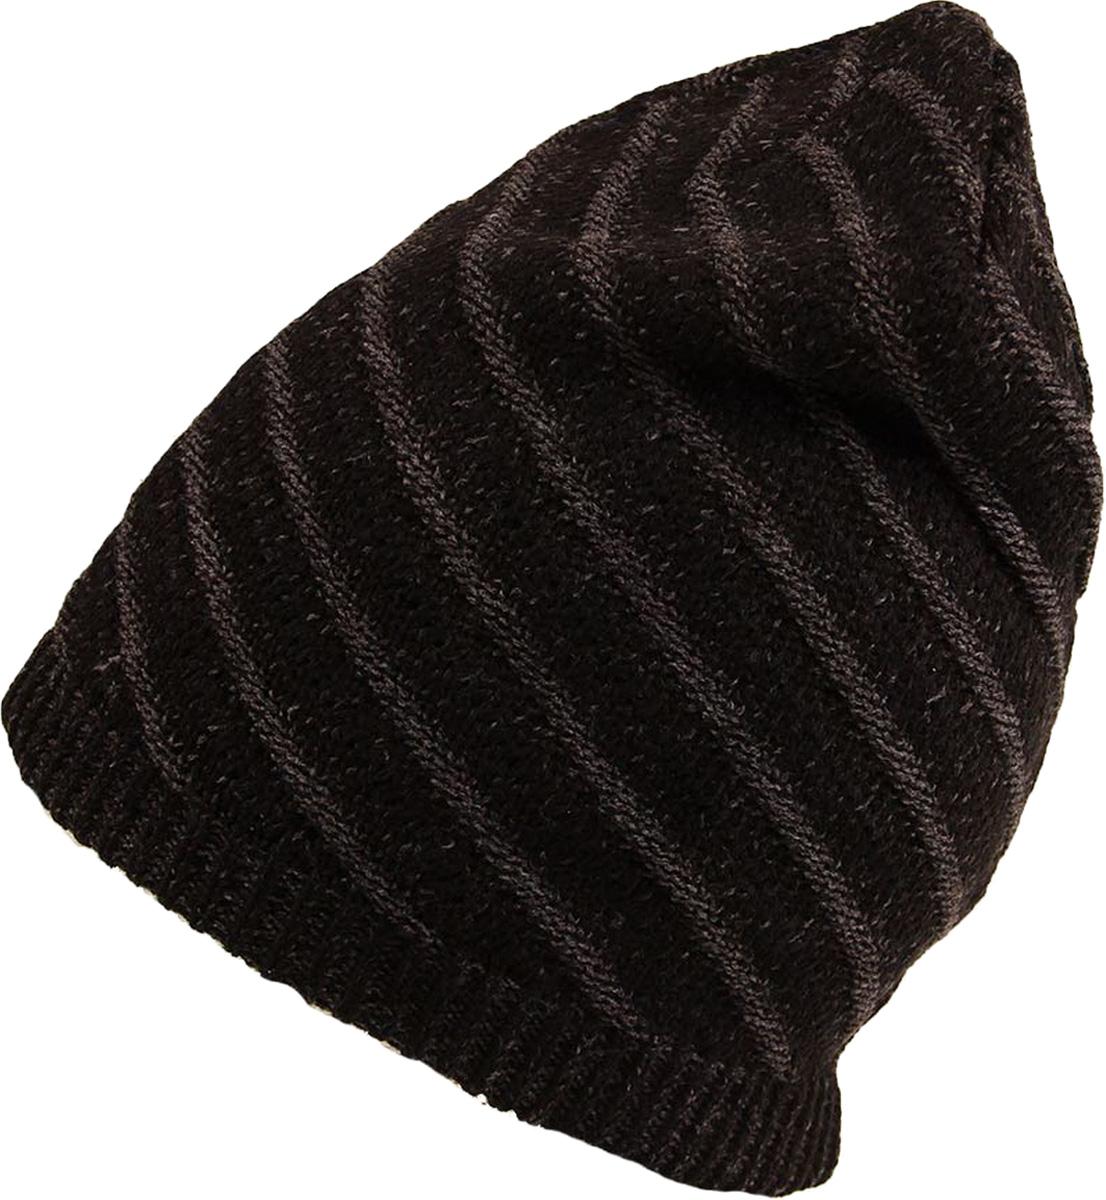 Шапка женская Venera, цвет: черный, бежевый. 9806256-02/1. Размер универсальный9806256-02/1 ШапкаСтильная женская шапка Venera, выполненная из комбинированной шерстяной пряжи, станет отличным дополнением вашего образа в холодную погоду. Широкая резинка по низу изделия обеспечивает удобную посадку и идеальное облегание. Шапка Venera отлично дополнит повседневный образ и молодой девушки, и женщины любого возраста, это универсальный и очень практичный аксессуар.